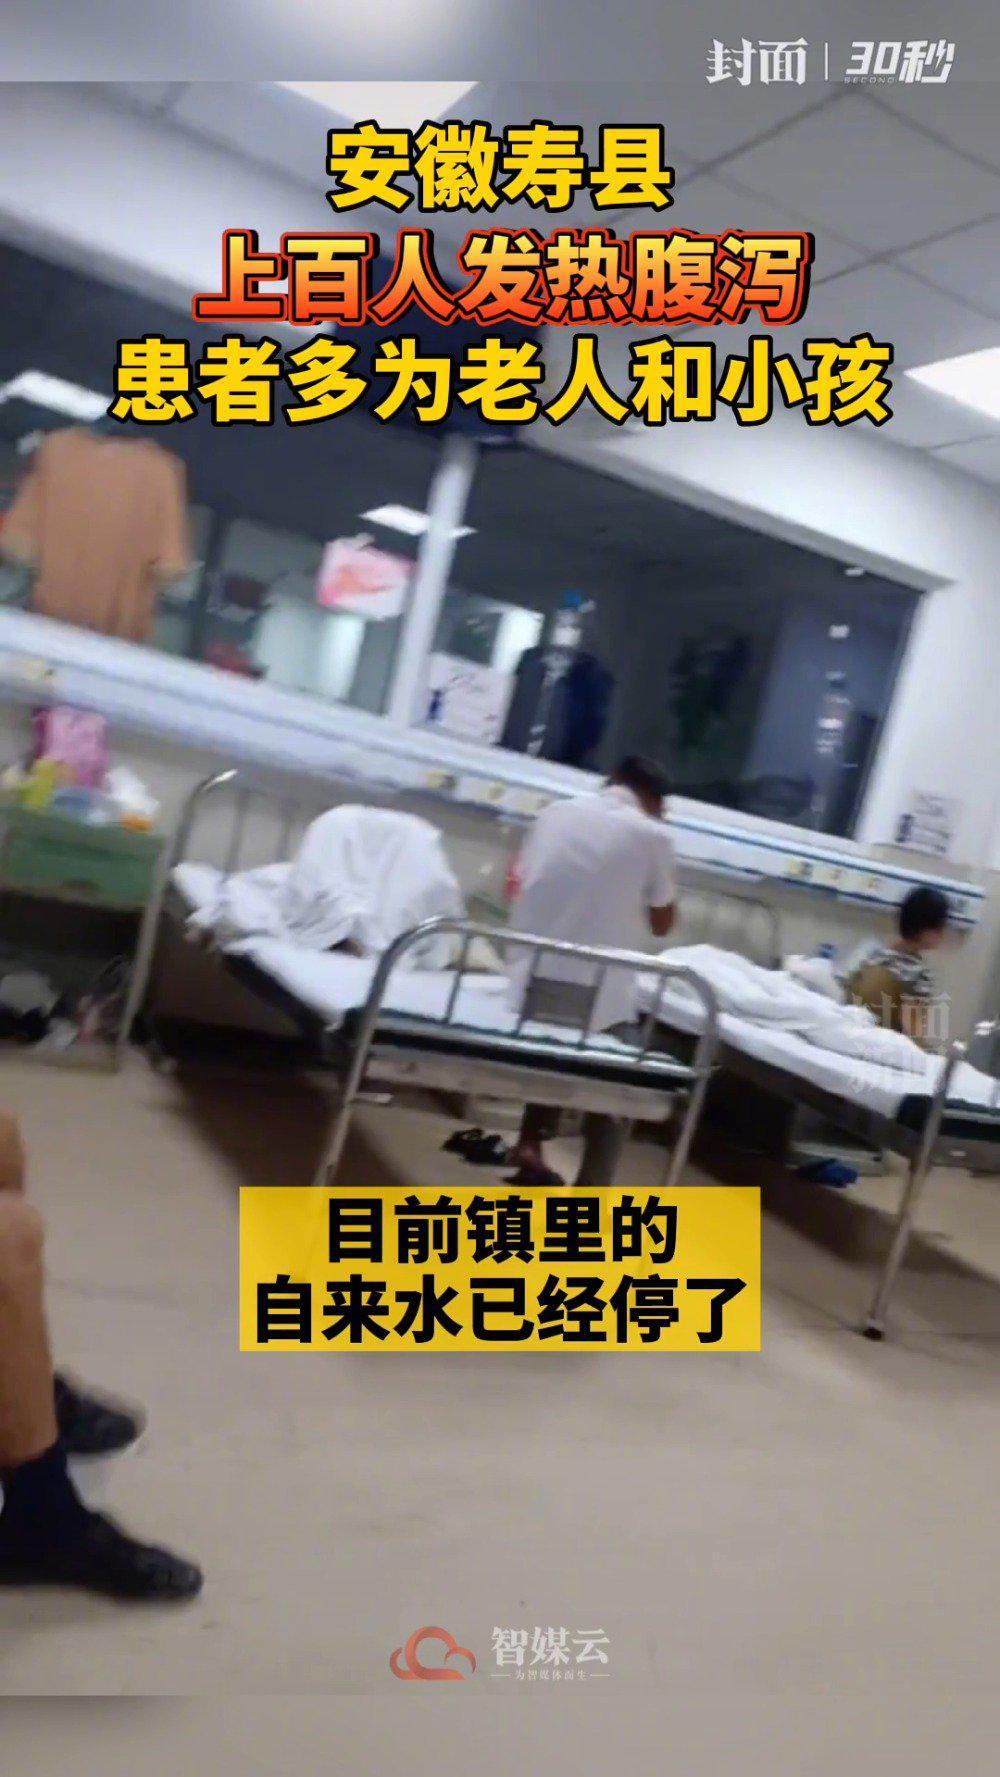 安徽寿县通报493人发热腹泻:初步判定为志贺氏菌感染